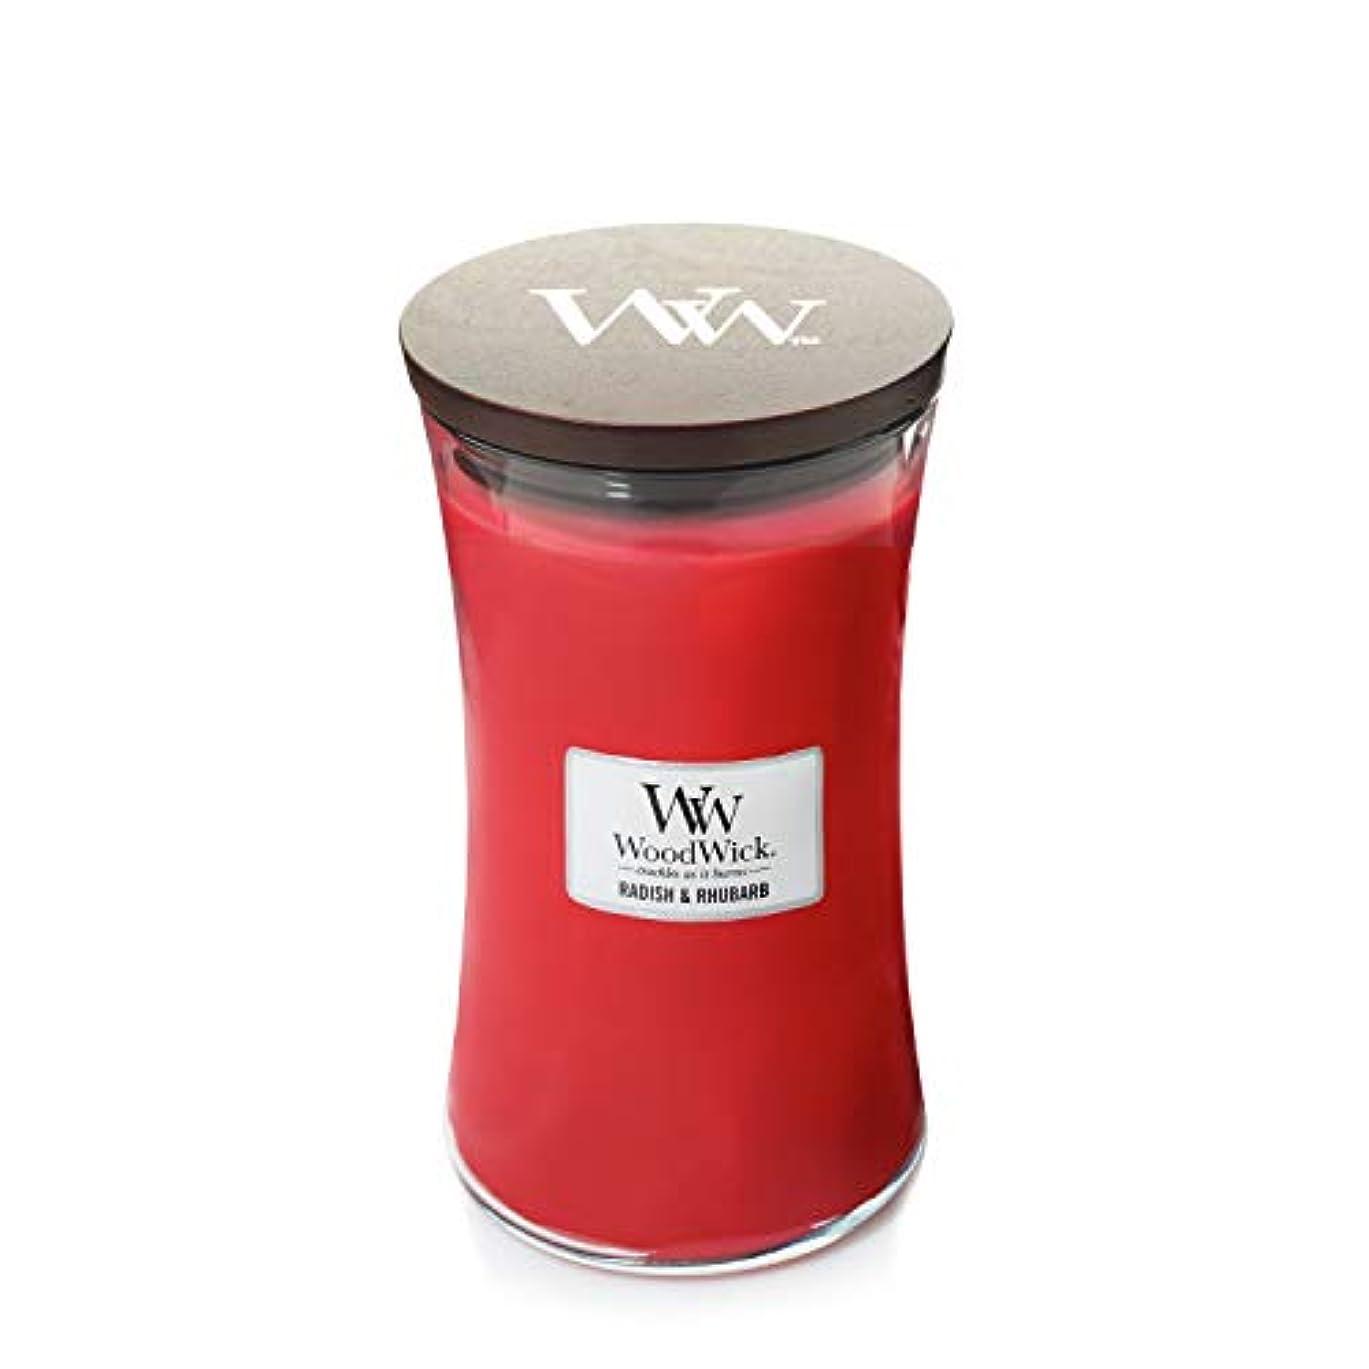 休戦狂人変数WoodWick Radish and Rhubarb Large Jar Scented Candle